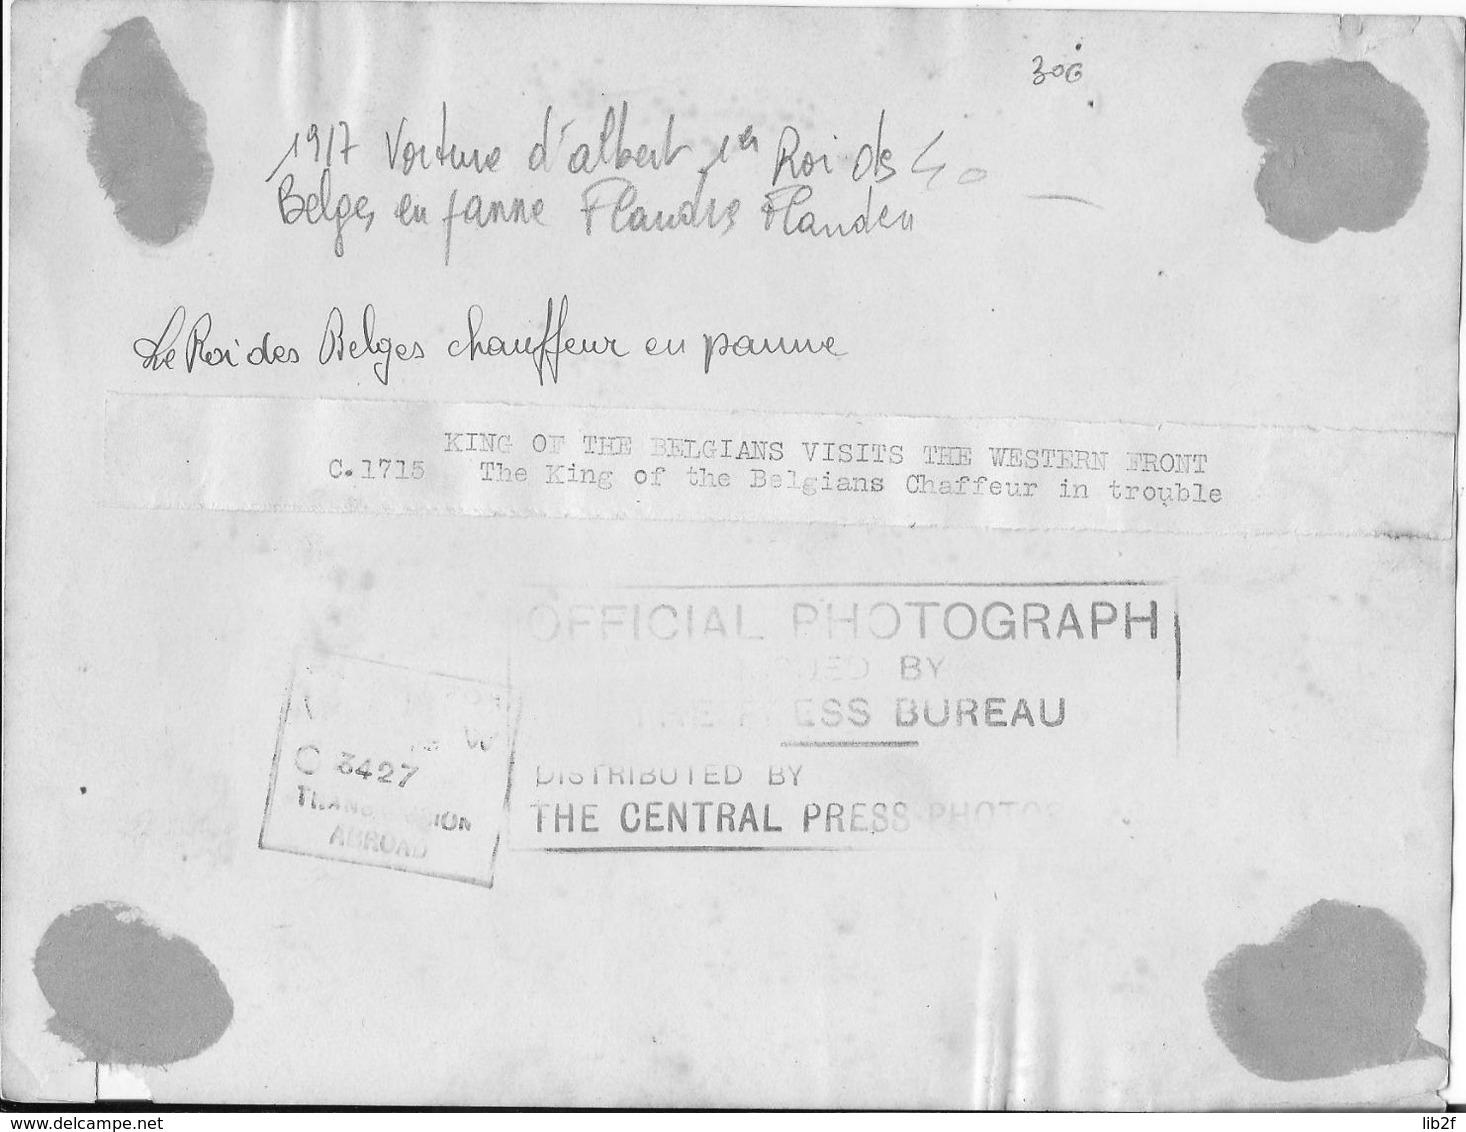 1917 Flandres Flandern Albert Ier Roi Des Belges Voiture En Panne Chauffeur Réparant Les Pneus 1 Photo Ww1 1914-1918 - War, Military